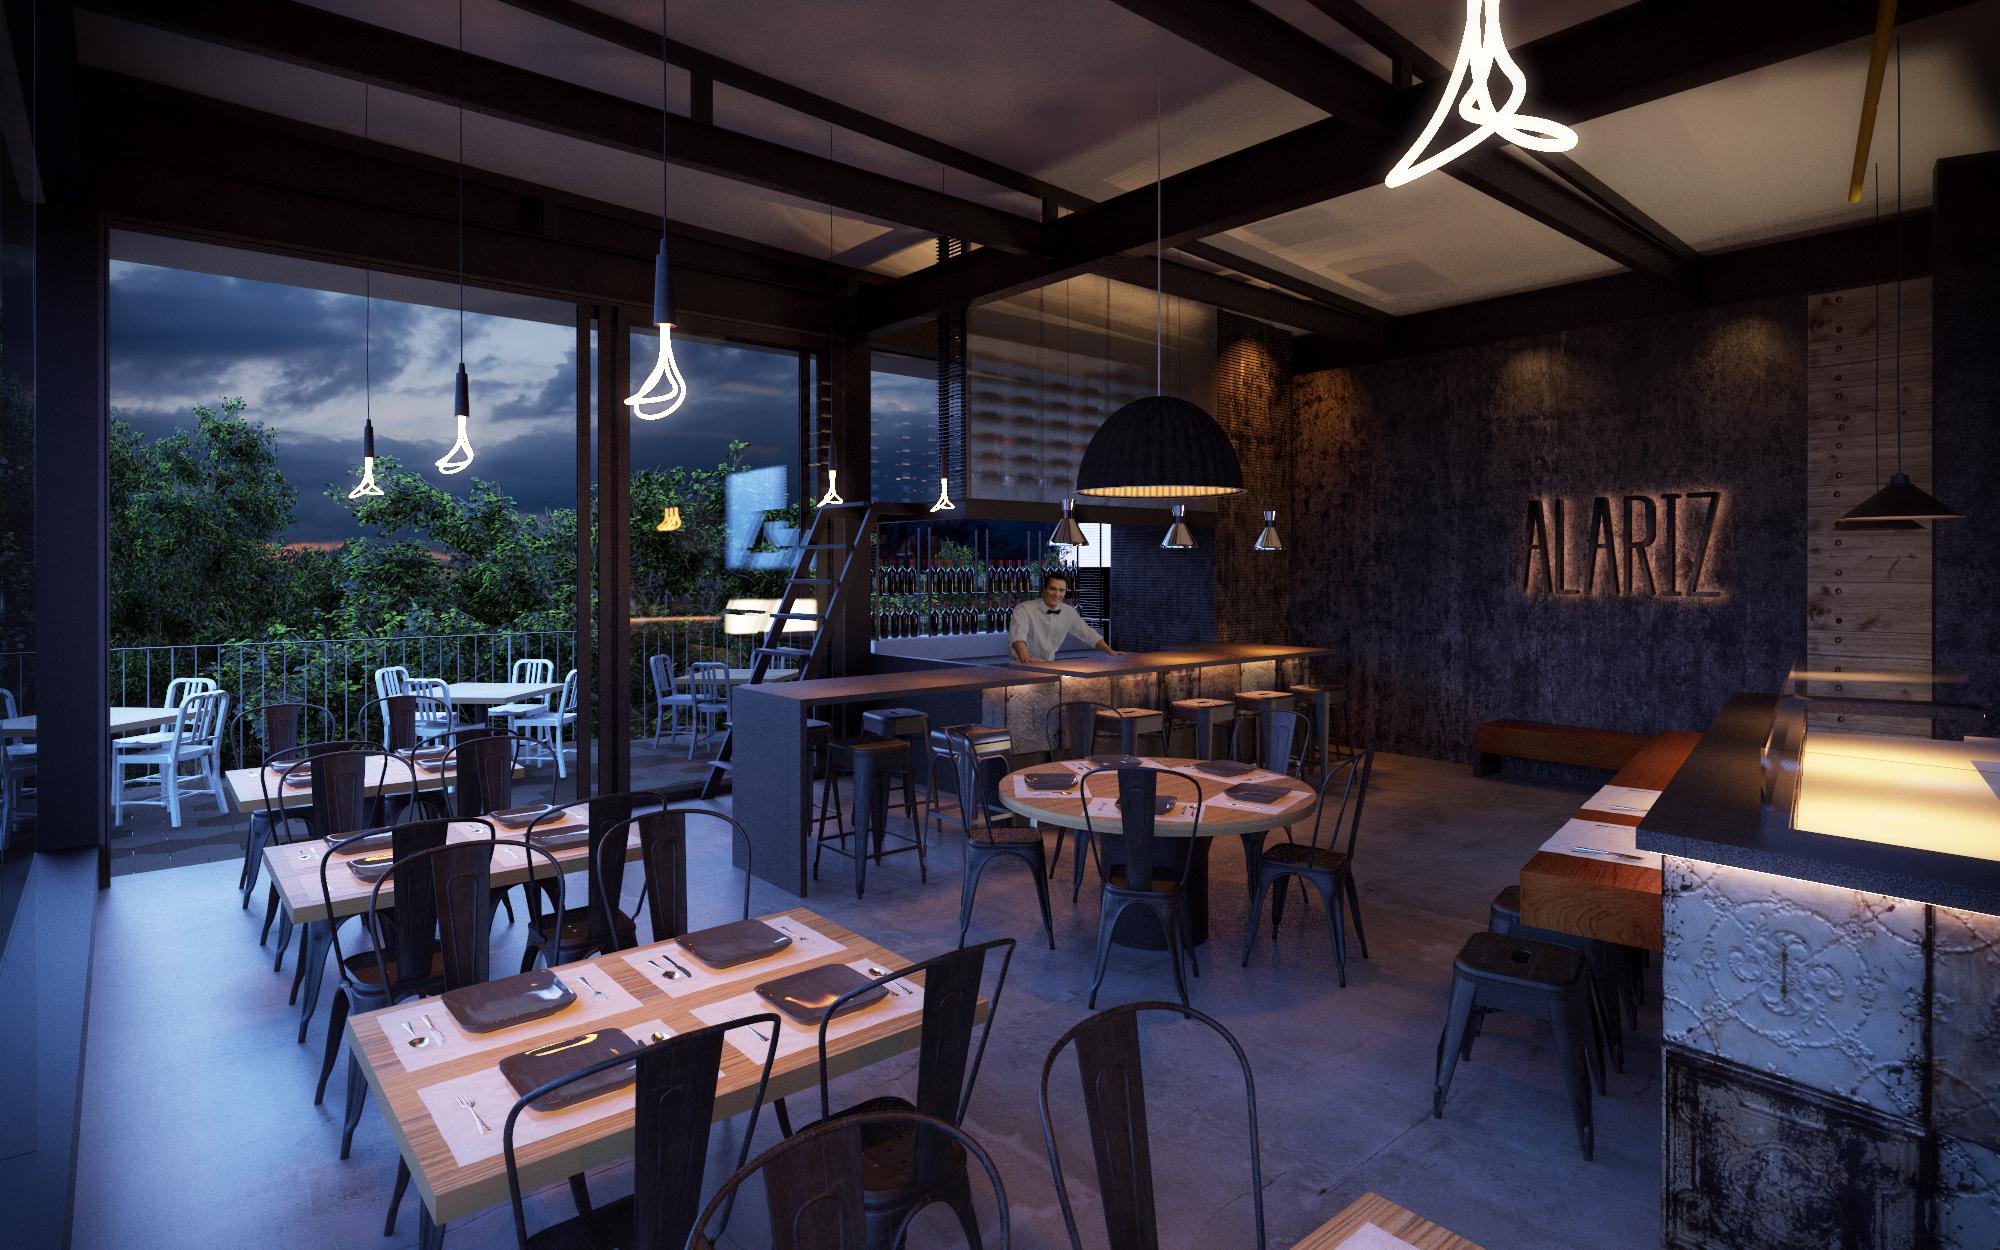 Tipo: Restaurante  Área de Construcción: 250 m2  Render:  CADS   Inicio de obra: Diciembre 2013  Ubicación: Guadalajara, Jal.